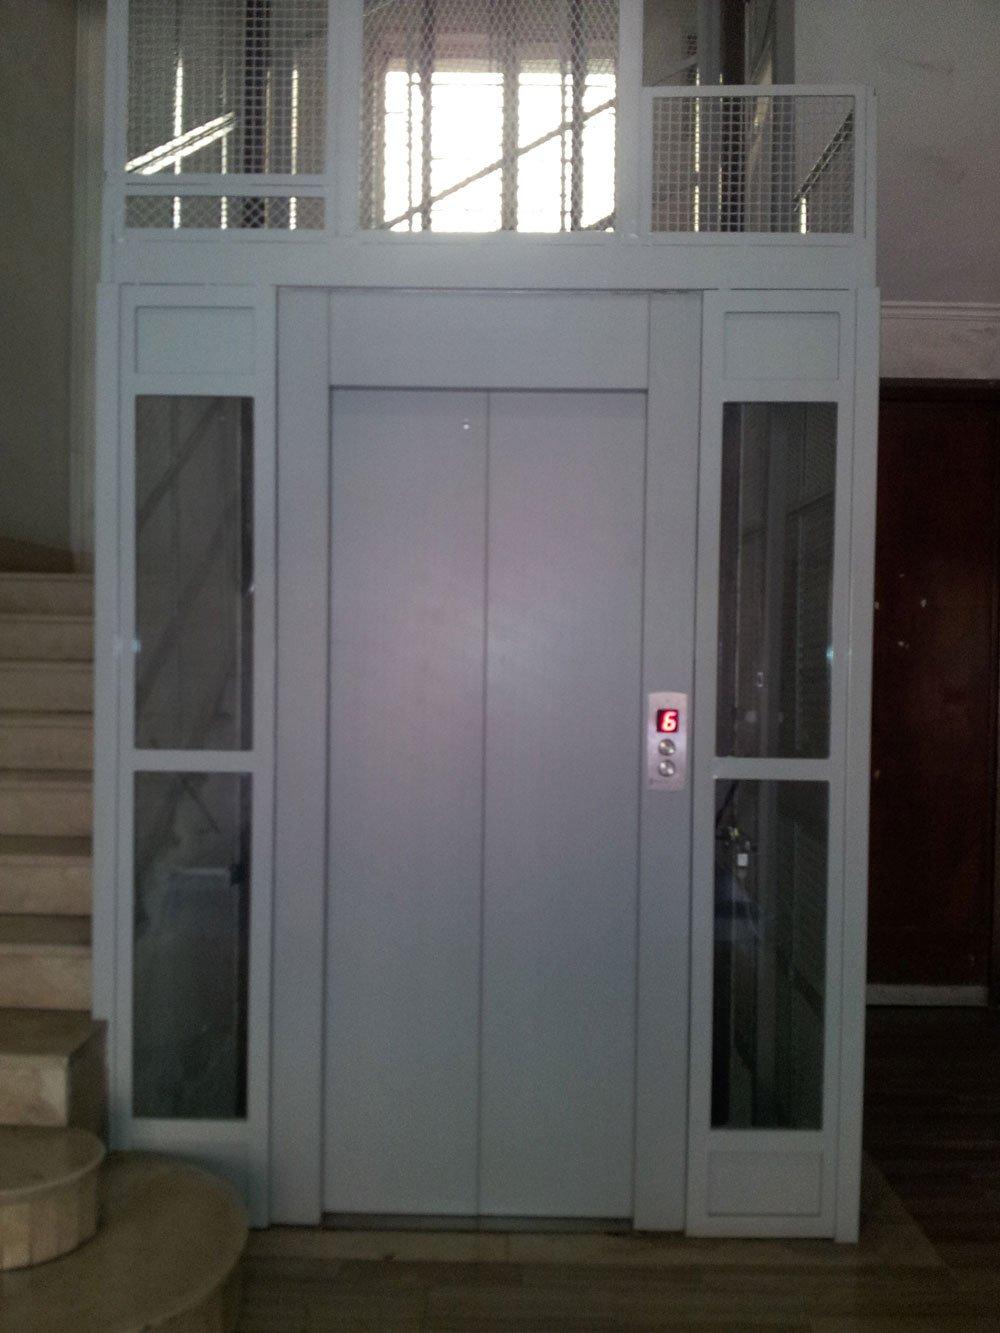 vista frontale della porta di un ascensor